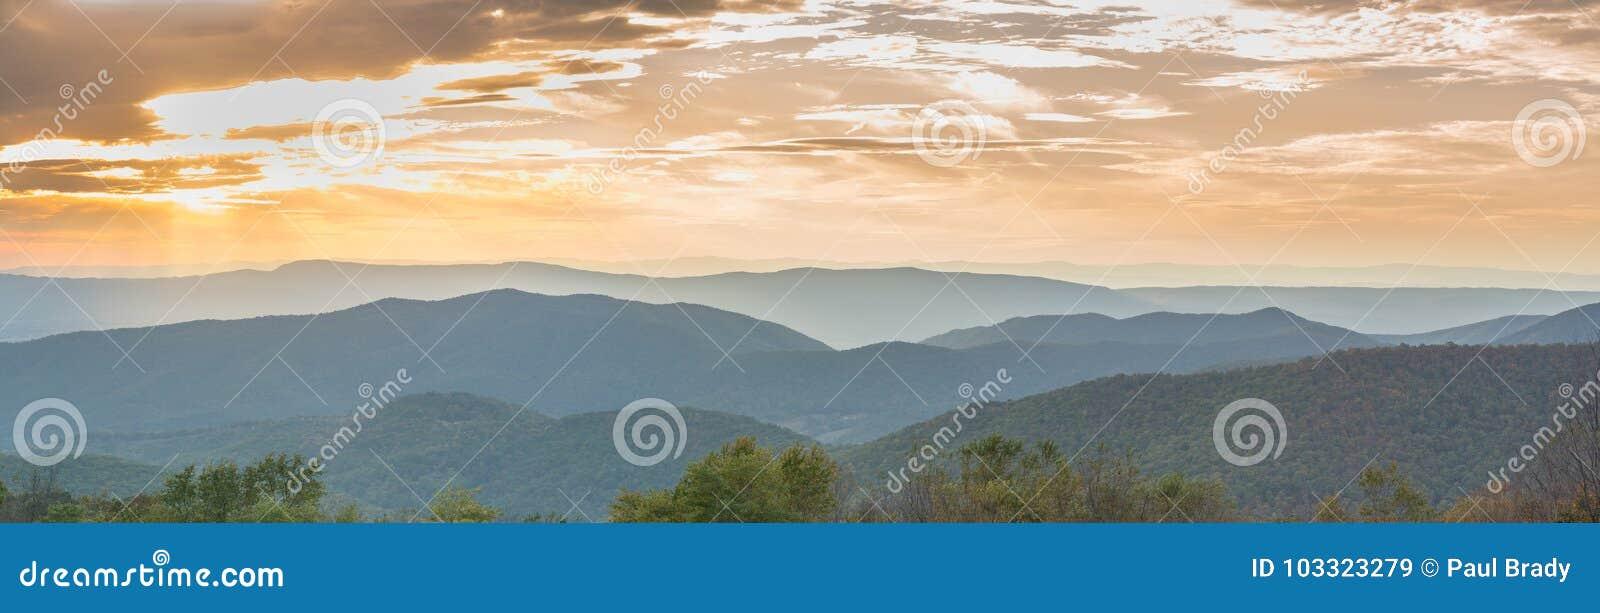 Solnedgång över den Shenandoah nationalparken